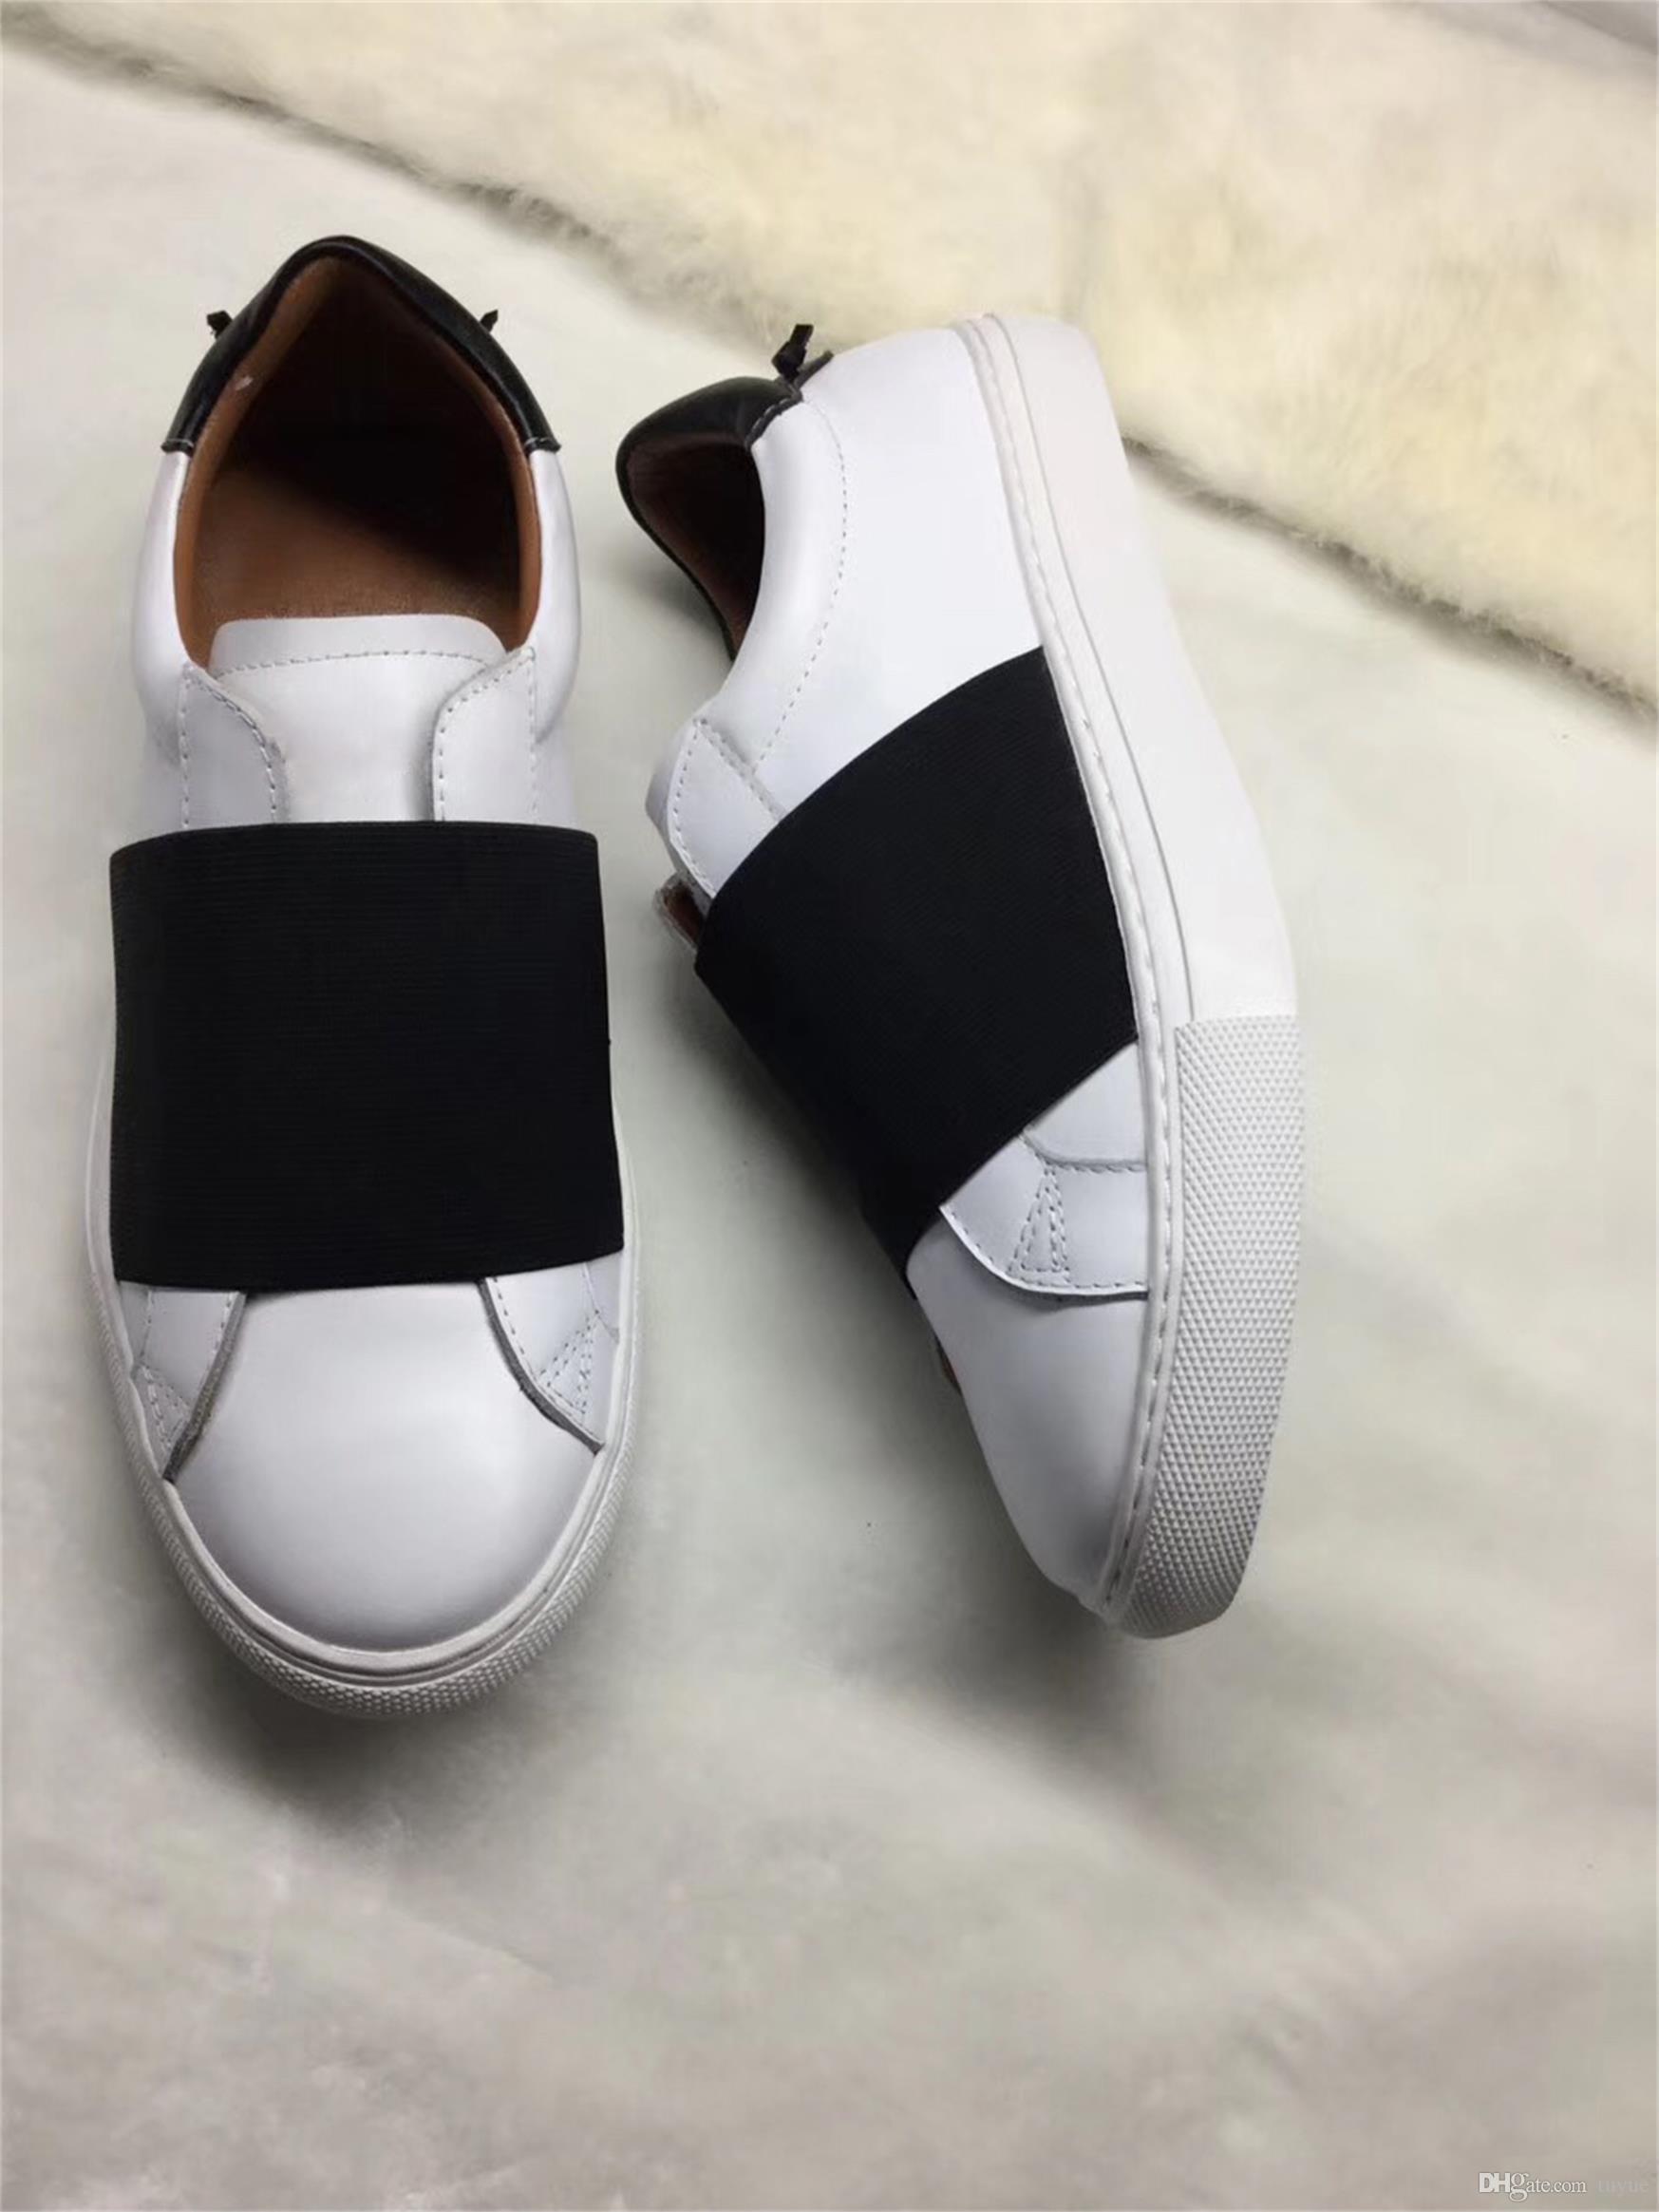 Chaussures Fashion Designer occasionnels mens cuir paris avec sneaker élastique pour hommes femmes taille 34-46